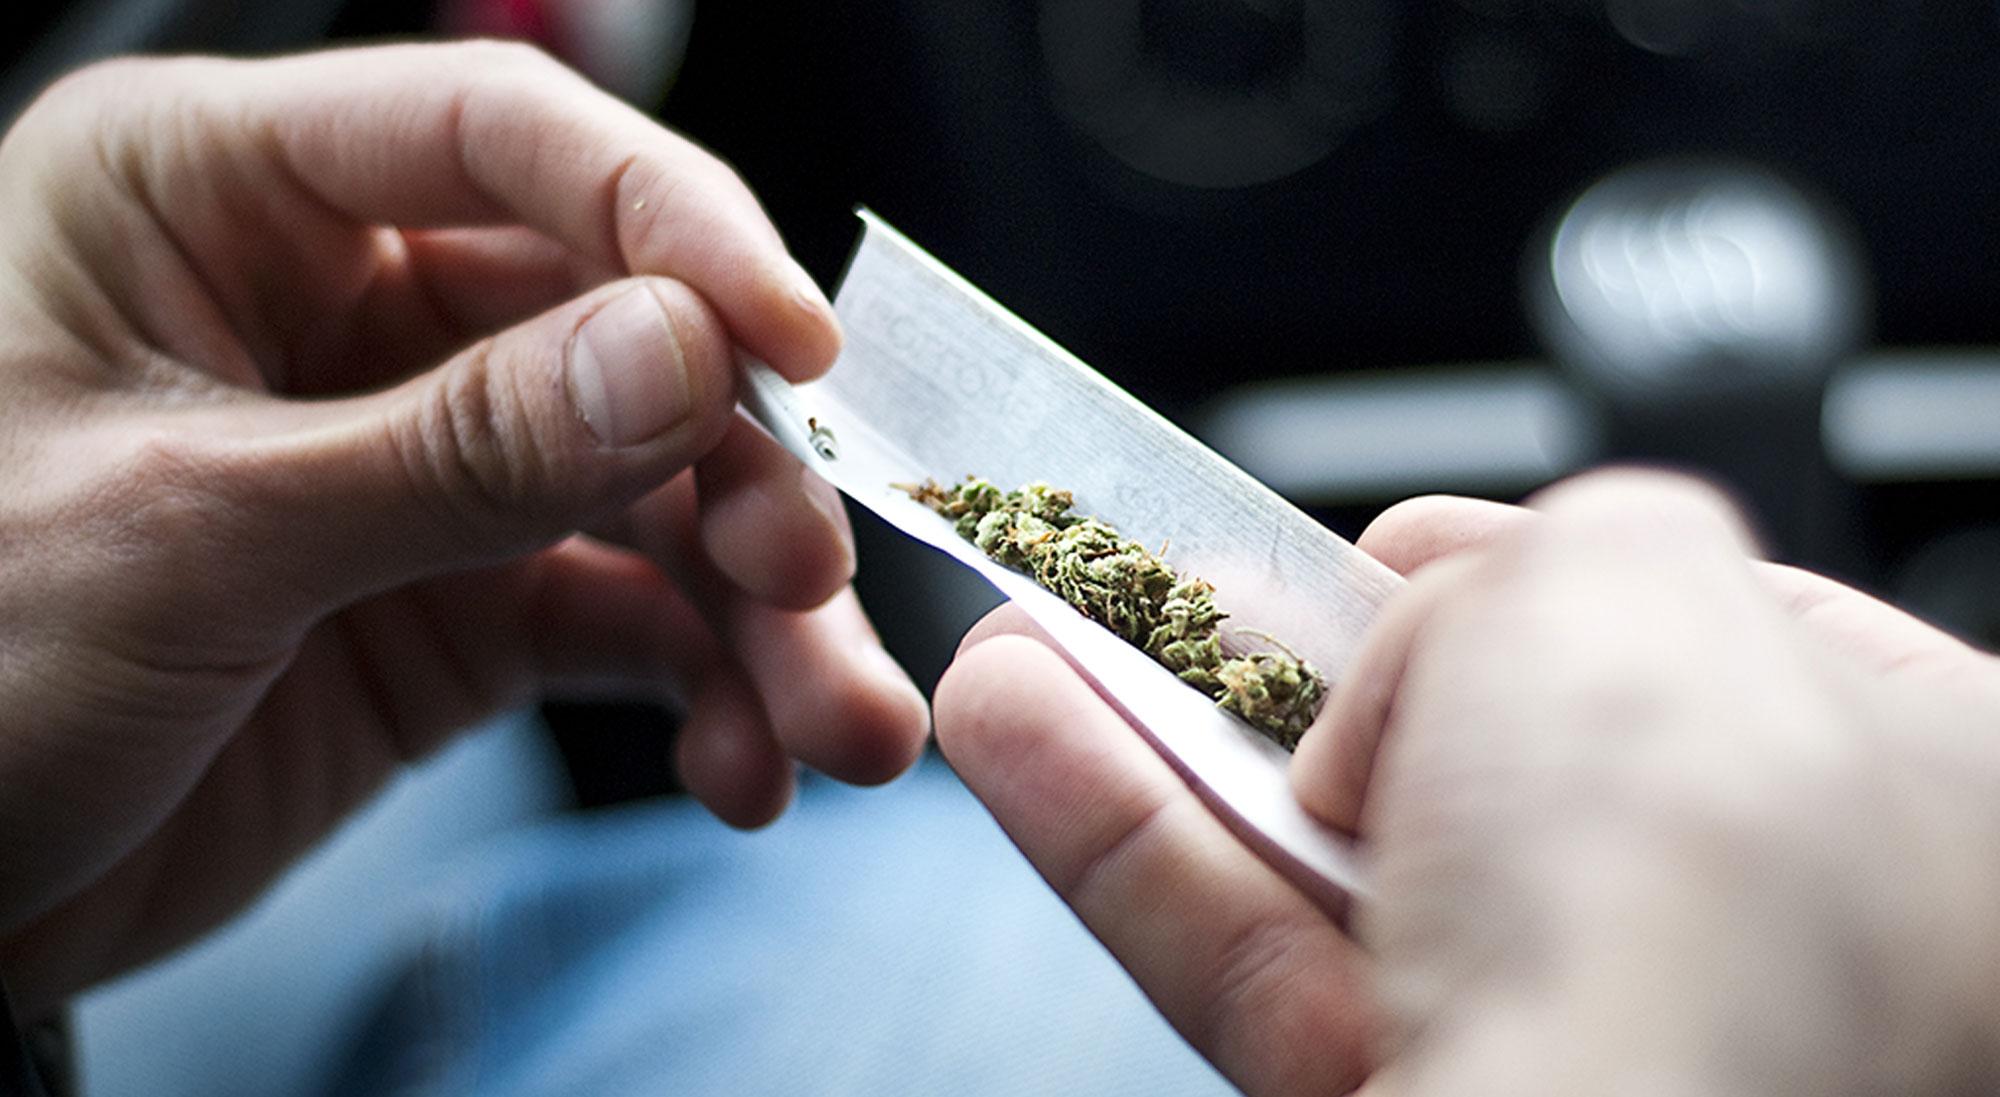 Hashmisbruger ruller en joint